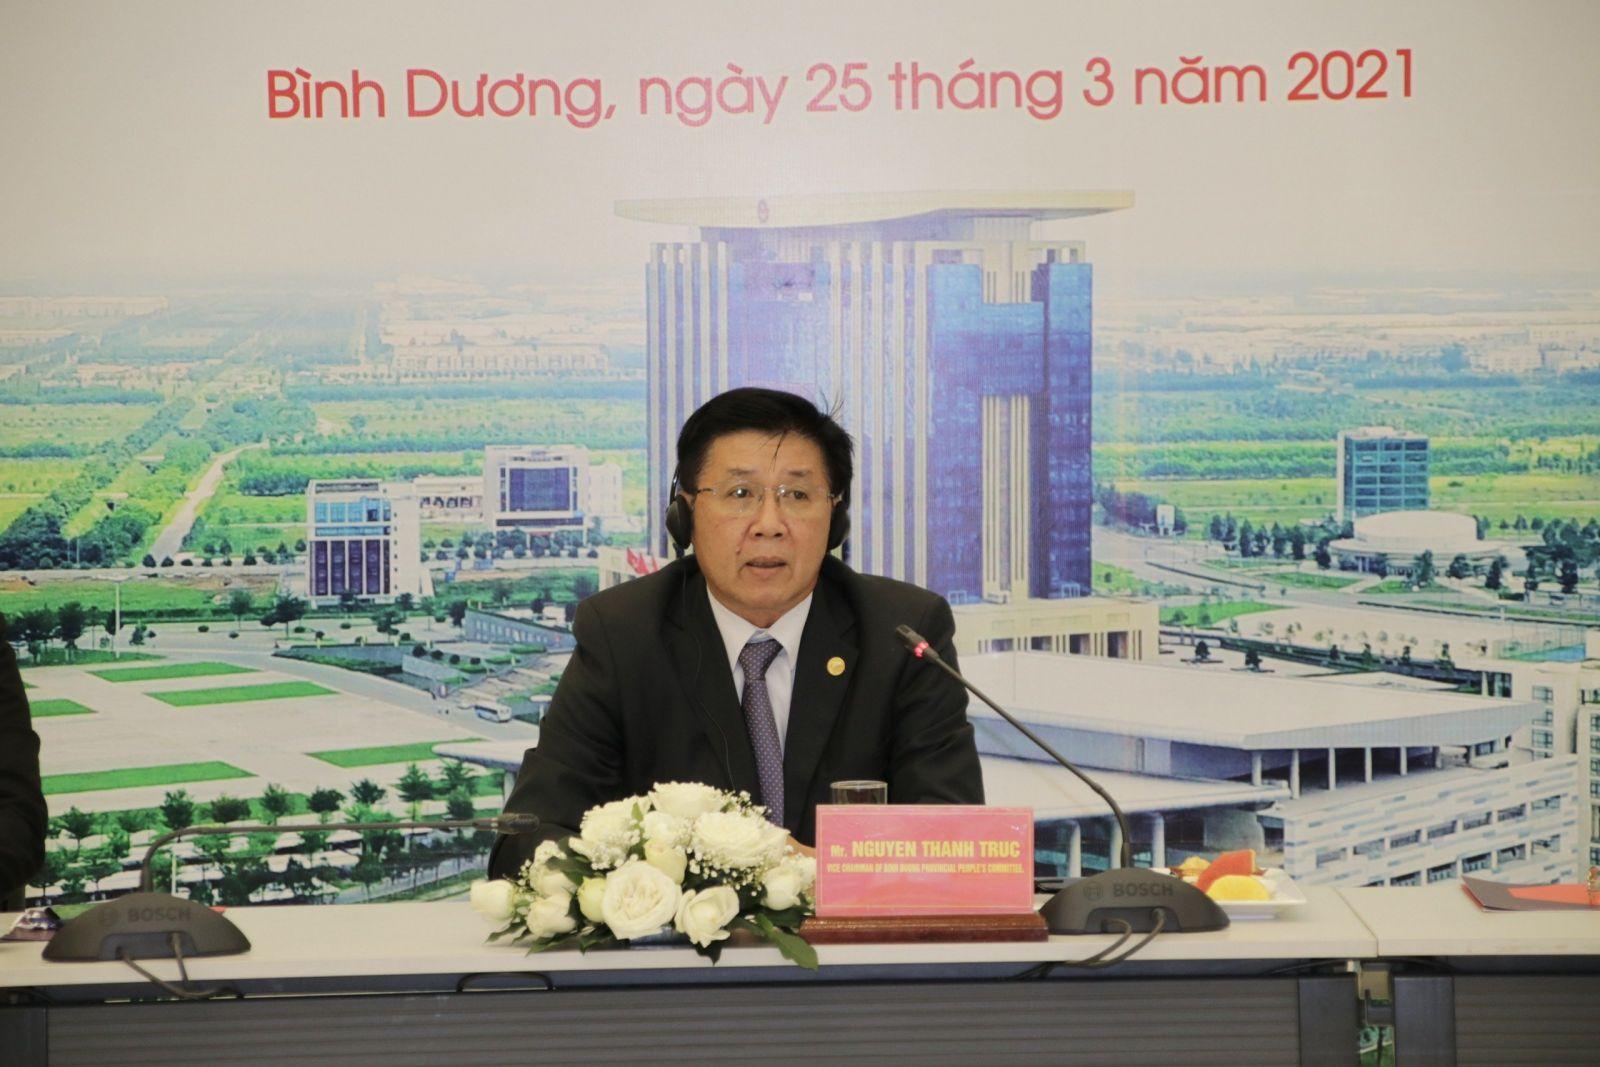 Ông Nguyễn Thanh Trúc - Phó chủ tịch UBND tỉnh Bình Dương